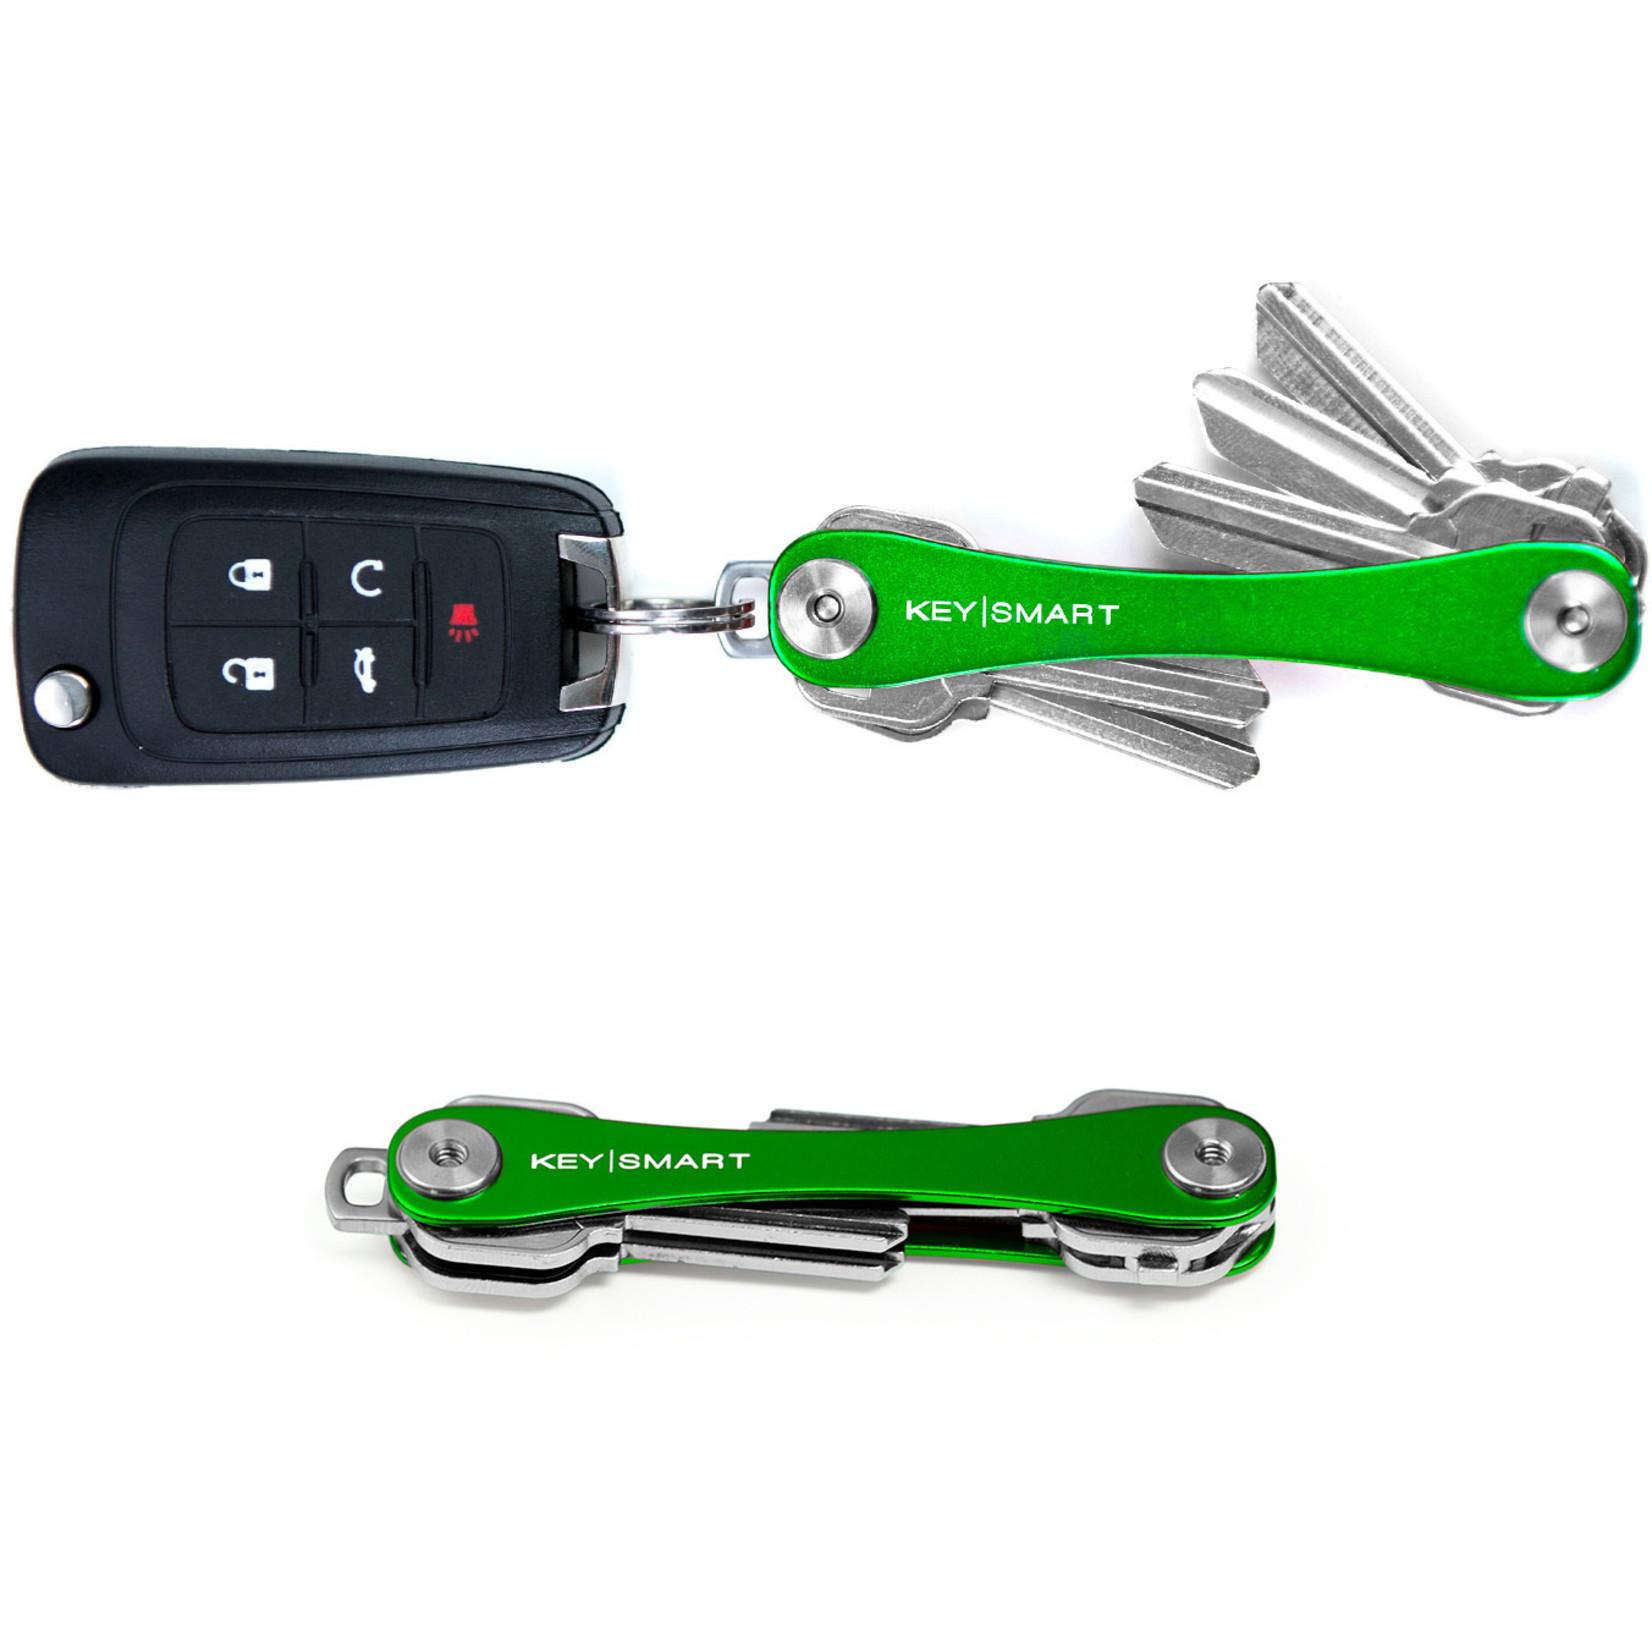 KeySmart KeySmart Compact sleutelhouder groen